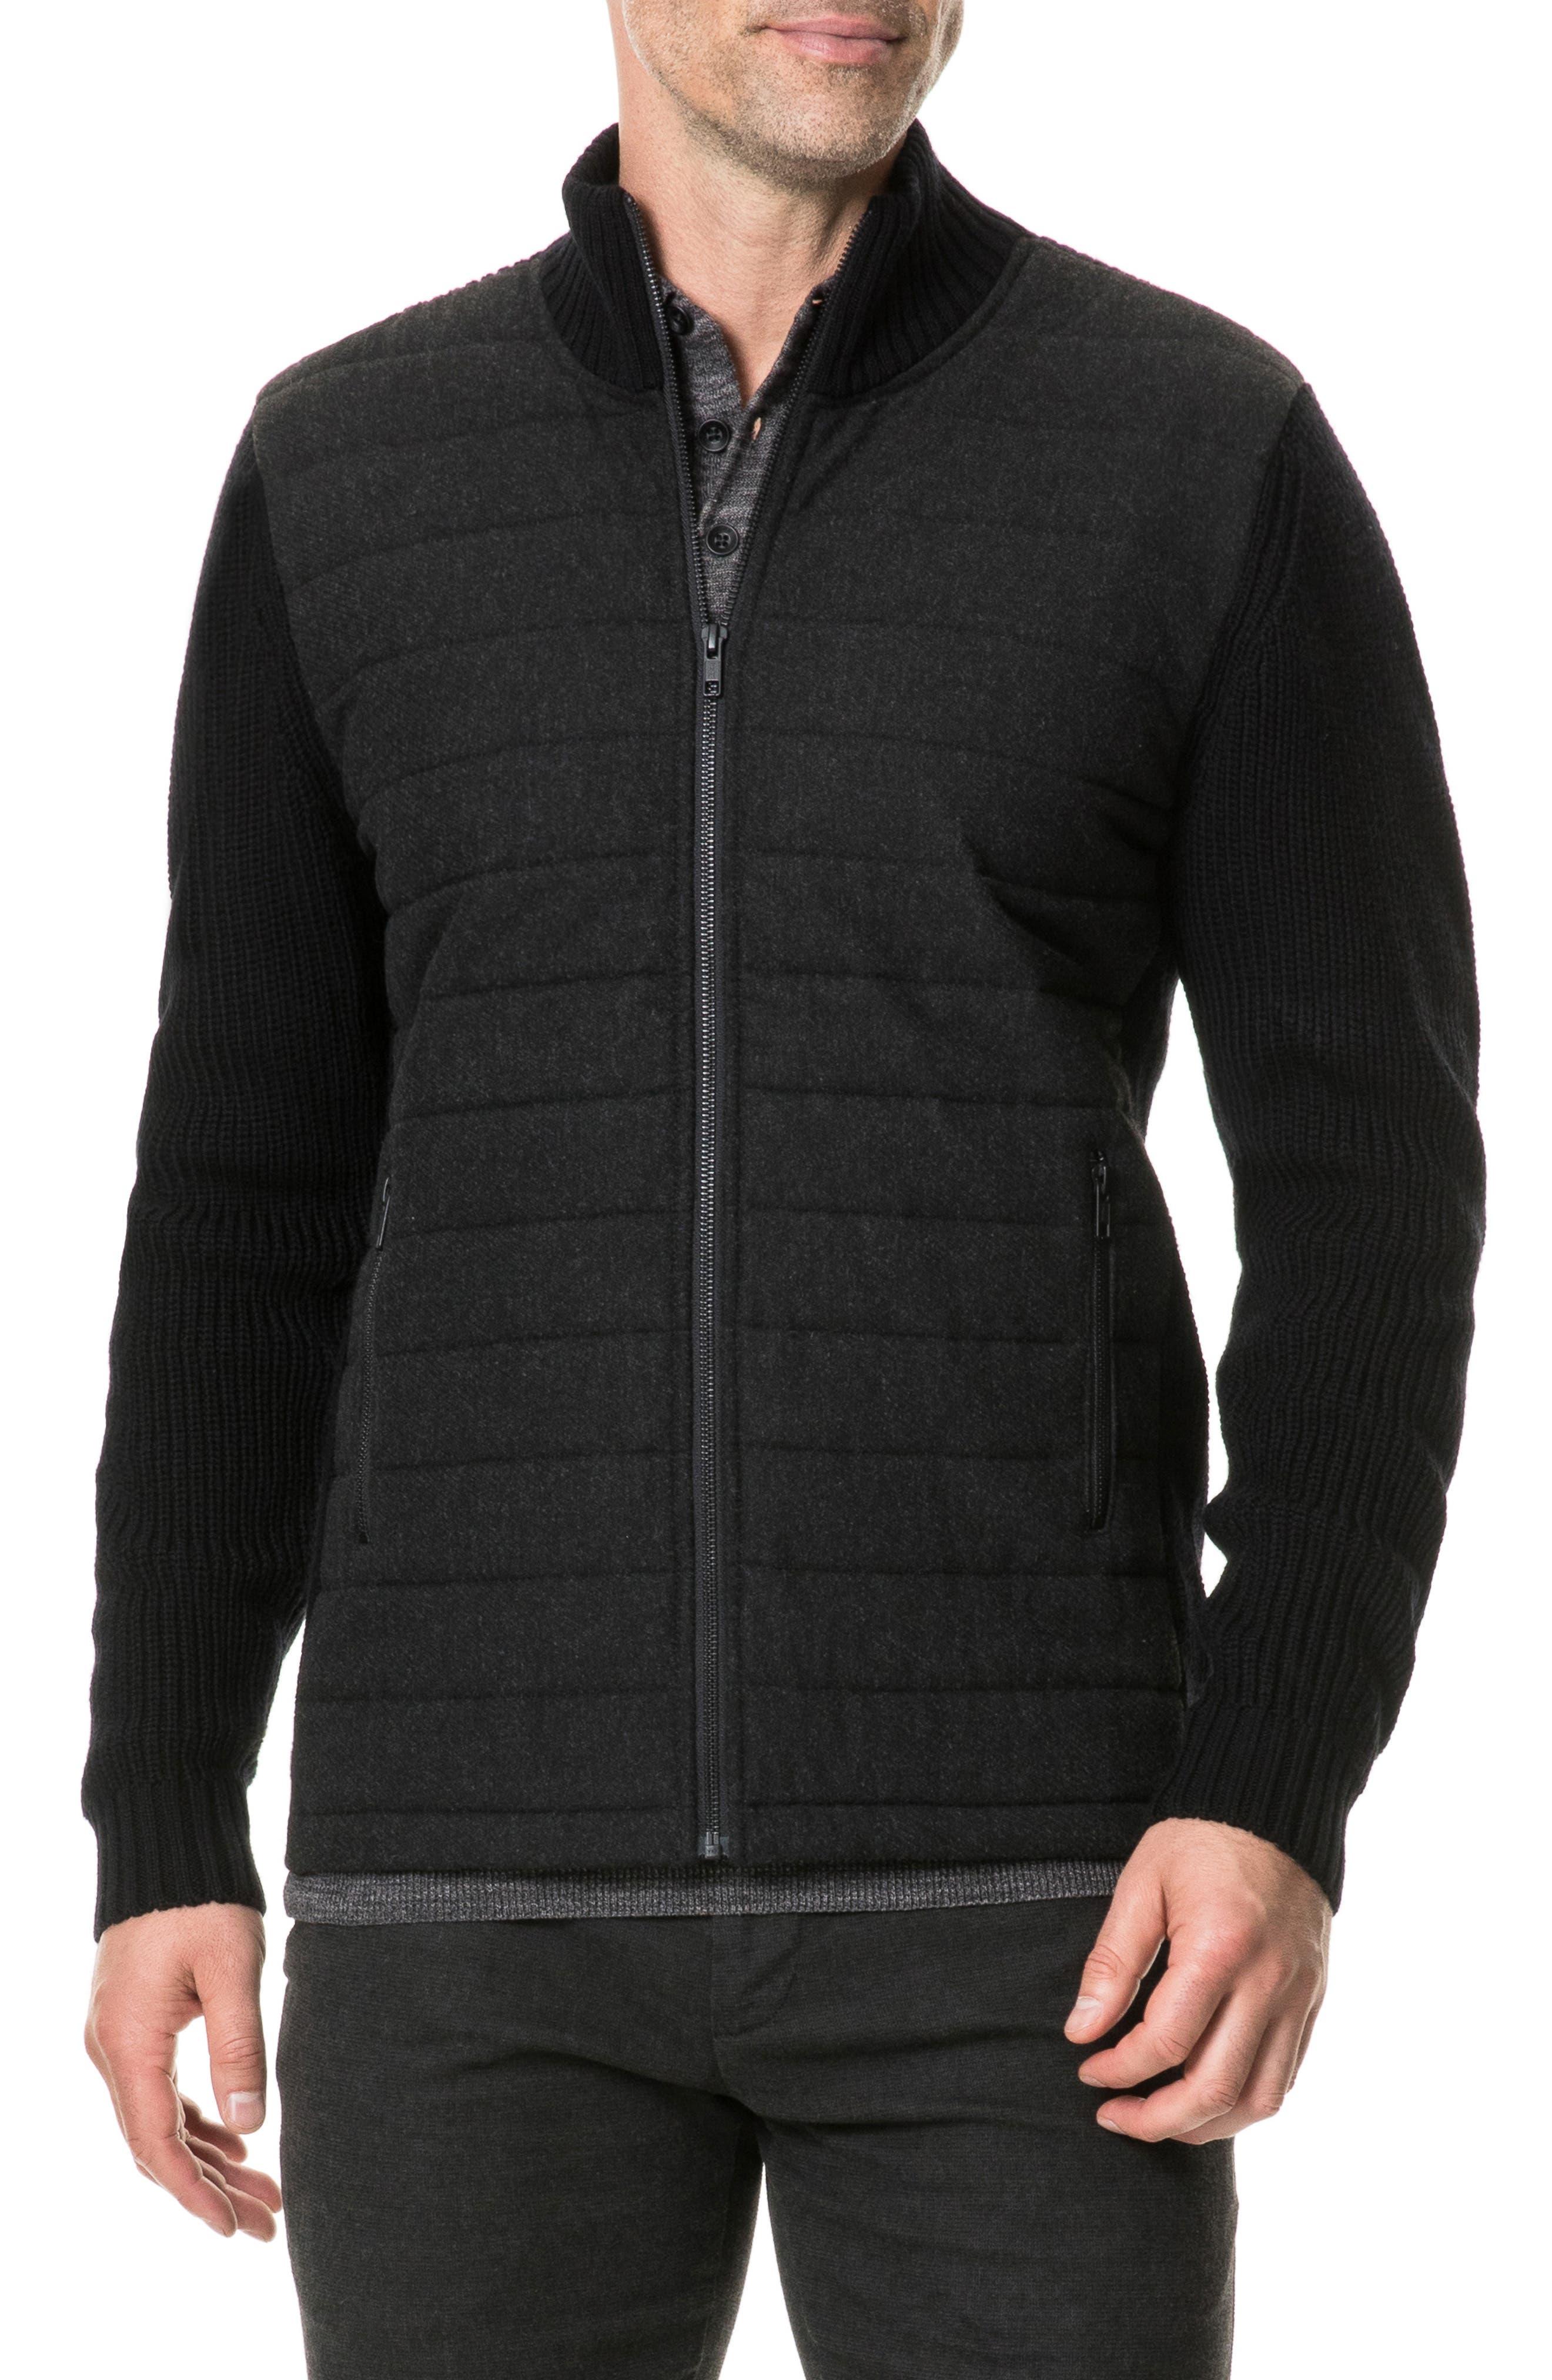 Greerton Regular Fit Zip Sweater,                         Main,                         color, ONYX